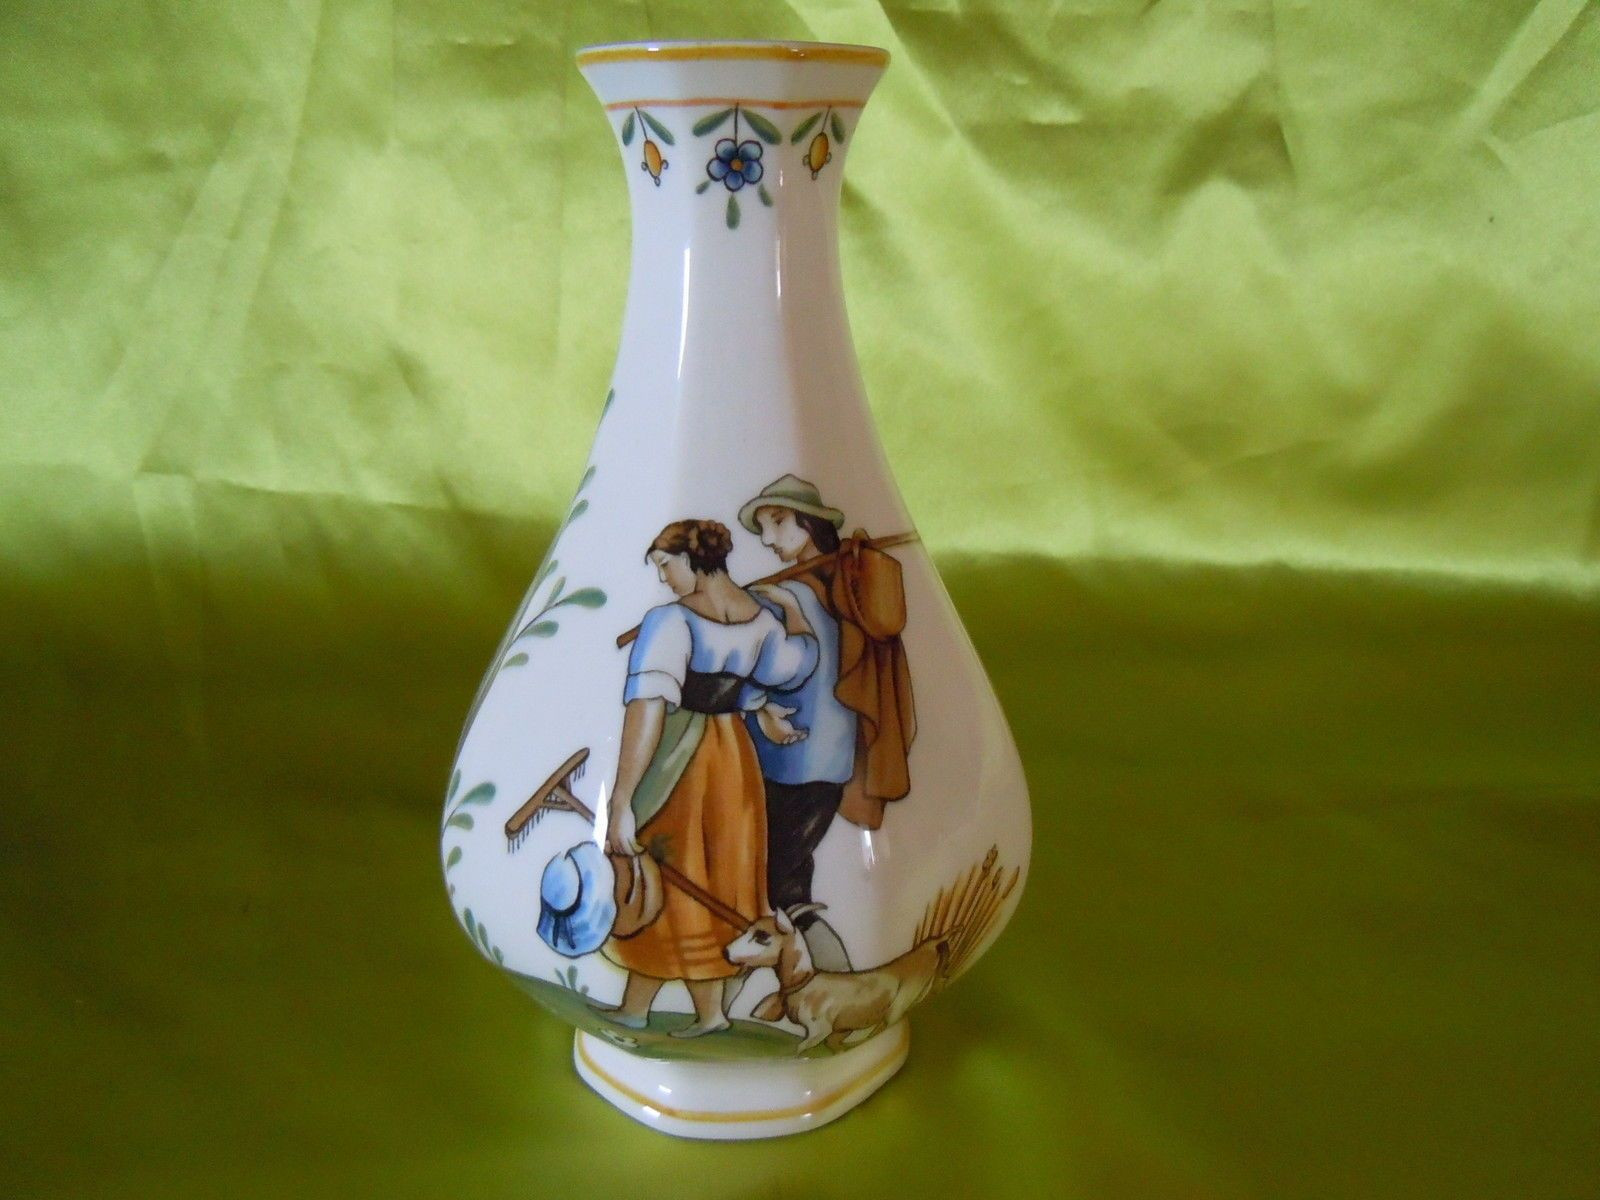 feng shui vase of rare vase villeroy et boch country villeroy boch pinterest in rare vase villeroy et boch country